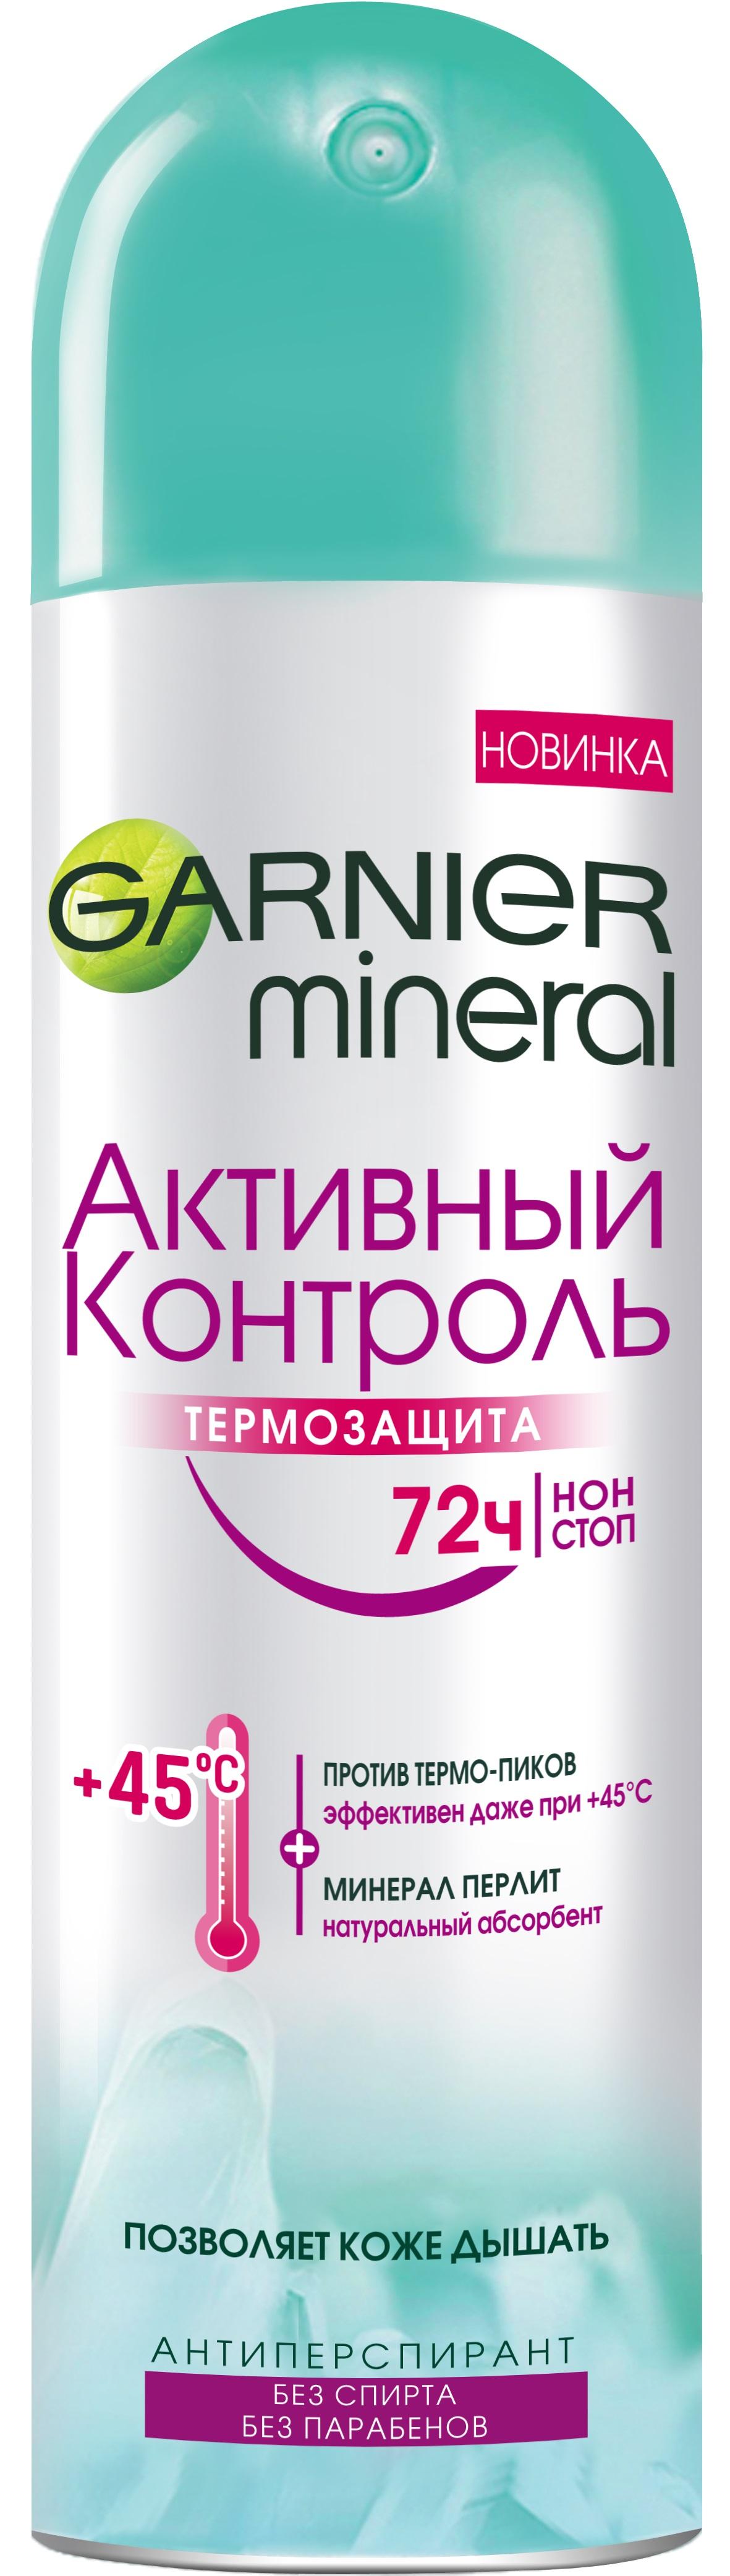 Дезодорант-антиперспирант Garnier Термо-защита 150 мл фото